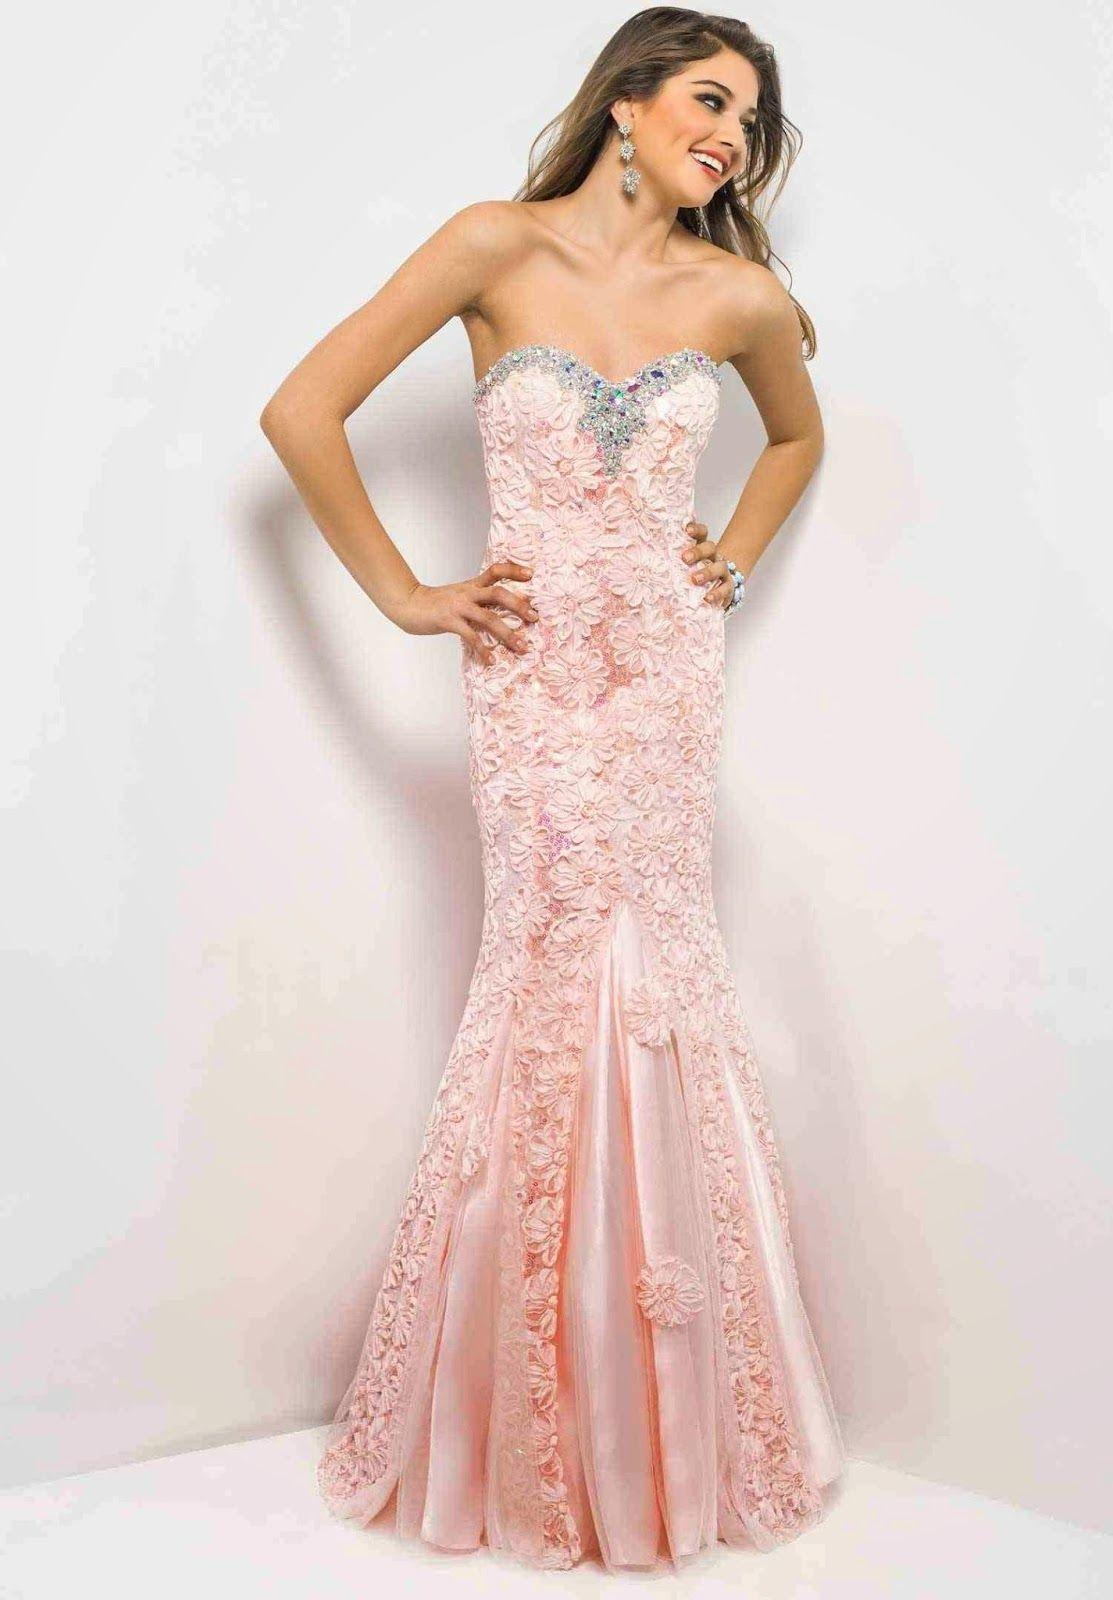 Ofertas de vestidos de fiesta baratos – Vestidos de noche elegantes ...